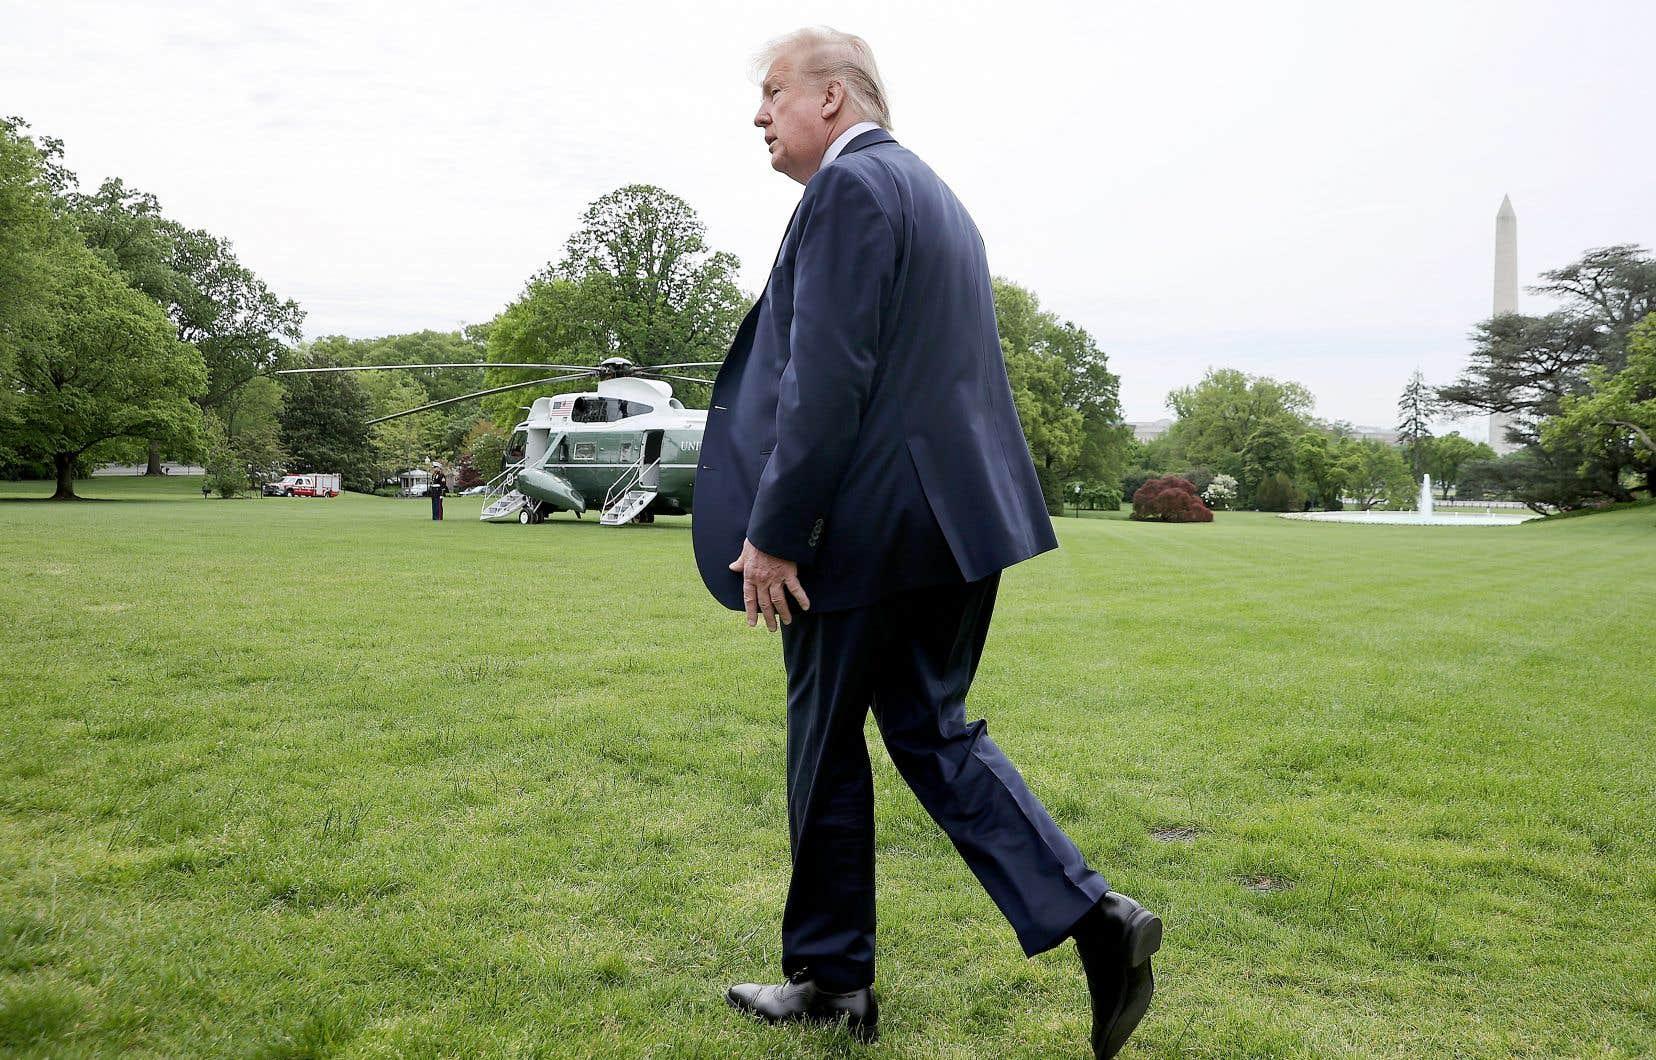 Le président Trump est critiqué par des républicains pour sa gestion de la pandémie de coronavirus.